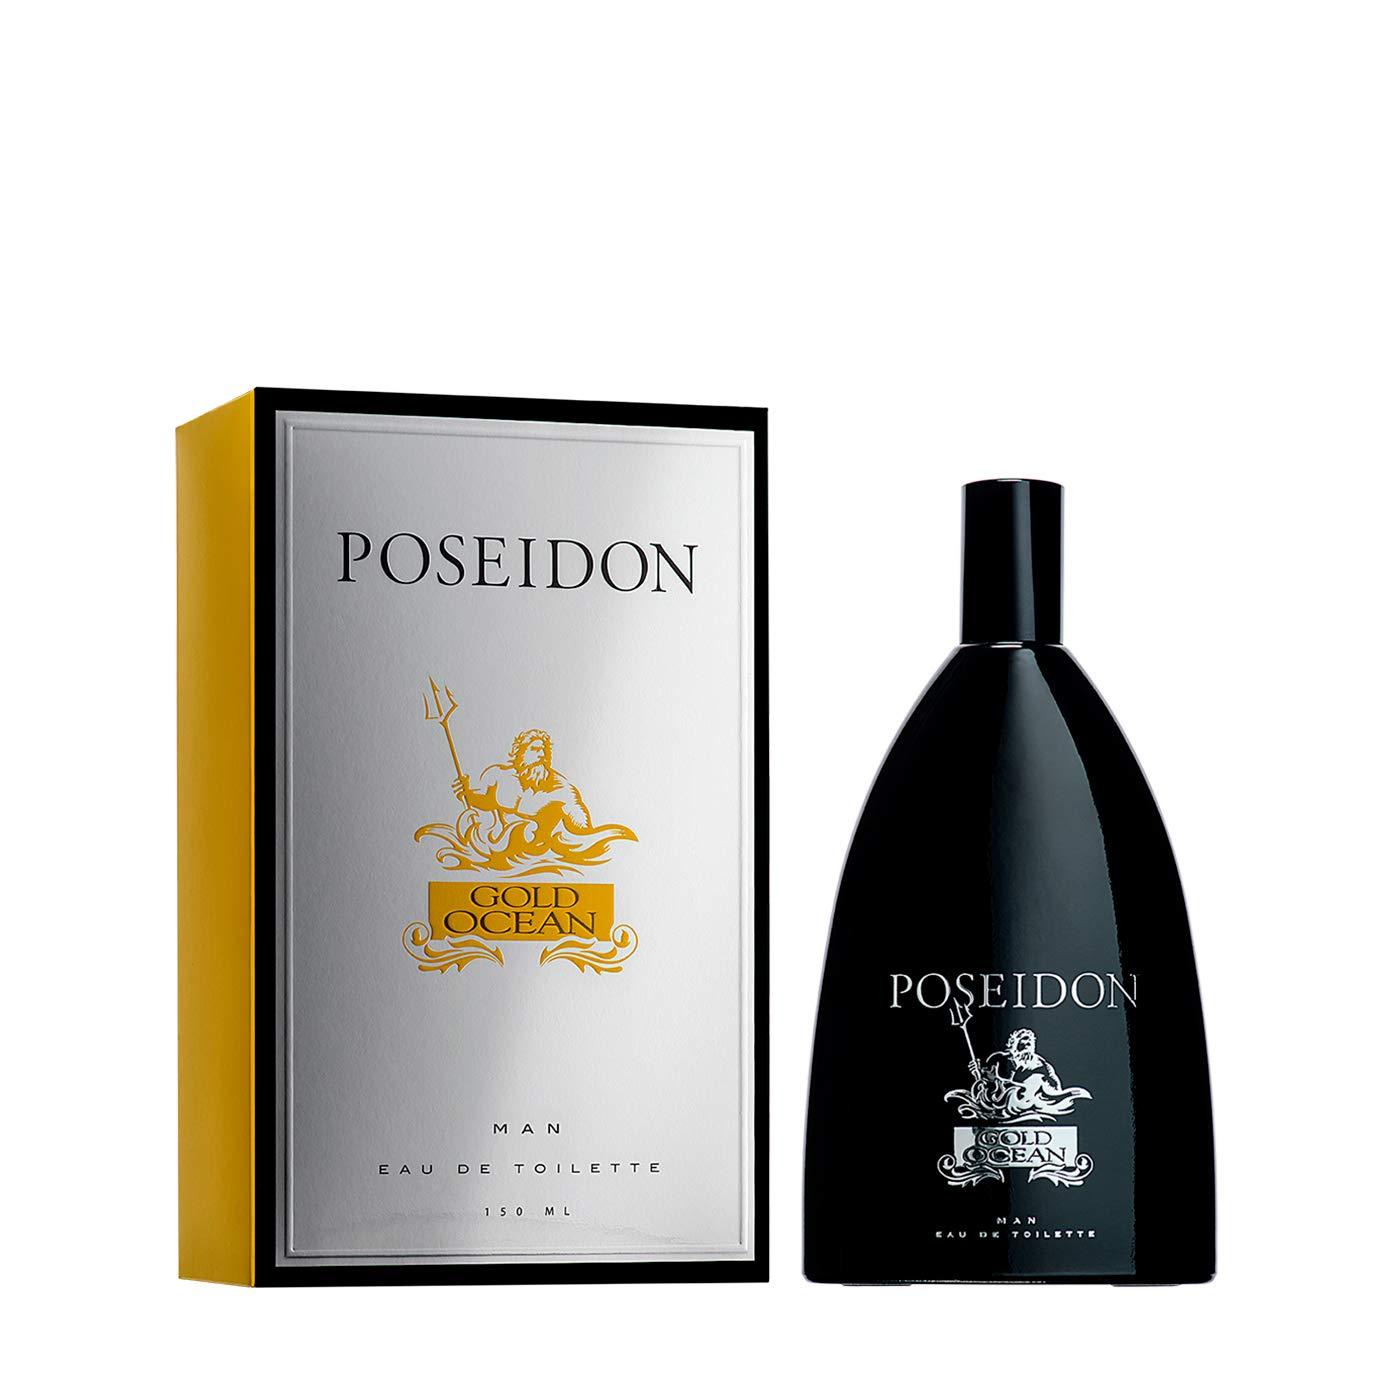 Poseidon Gold Ocean Perfume para Hombre 150 ML